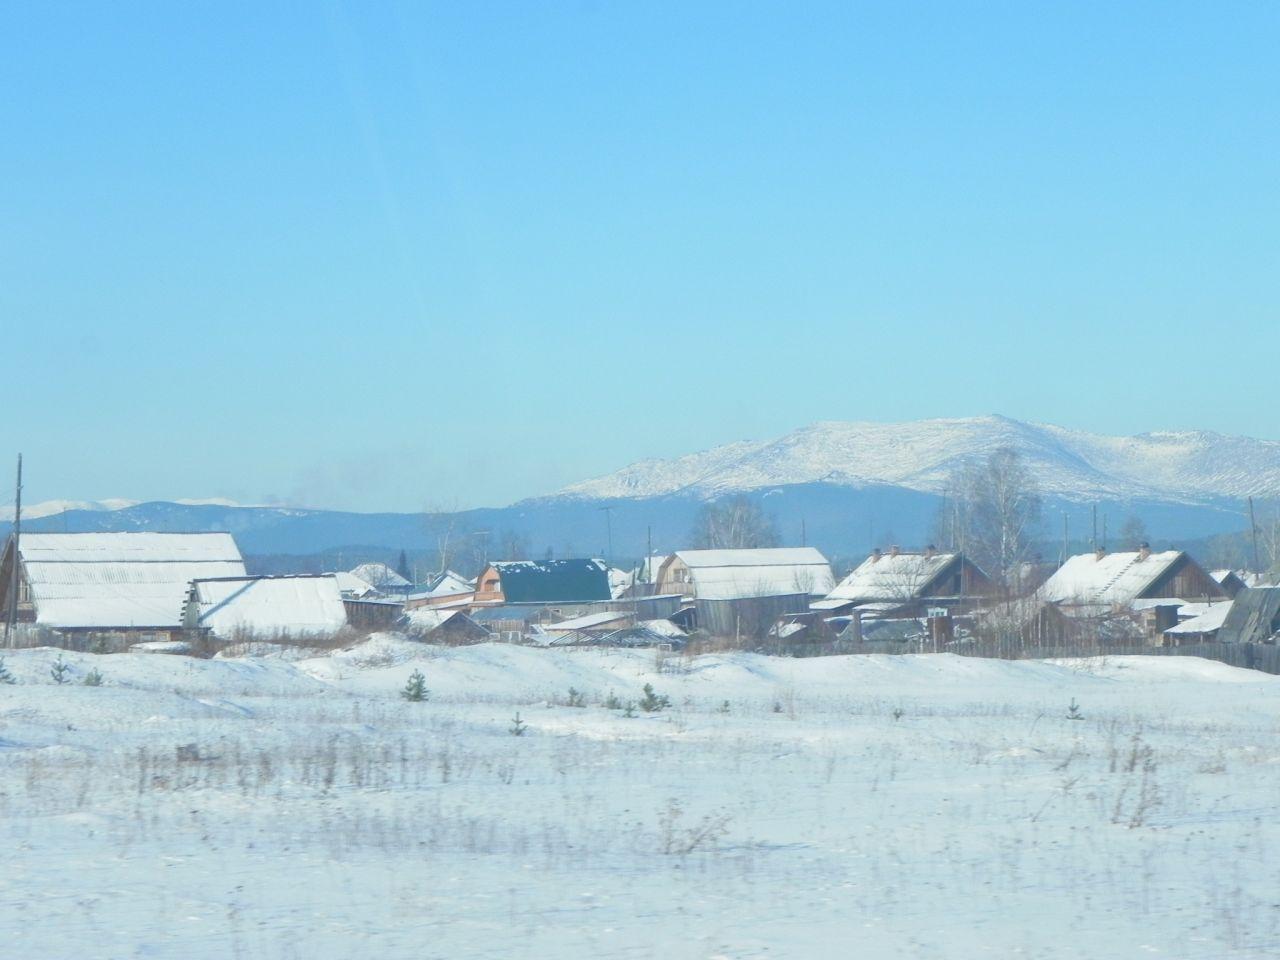 Уральская деревня, в районе Верхотурья, где 21-й век?